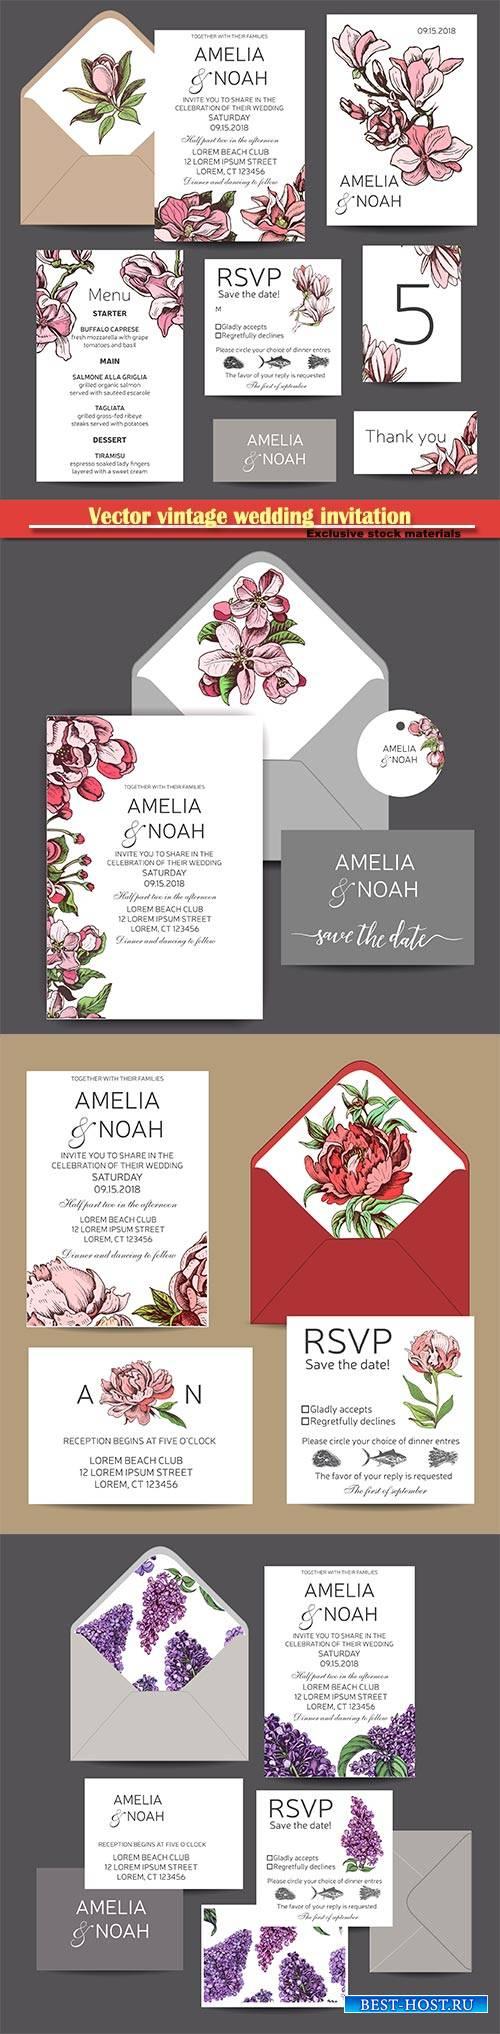 Vector vintage wedding invitation, watercolor flower